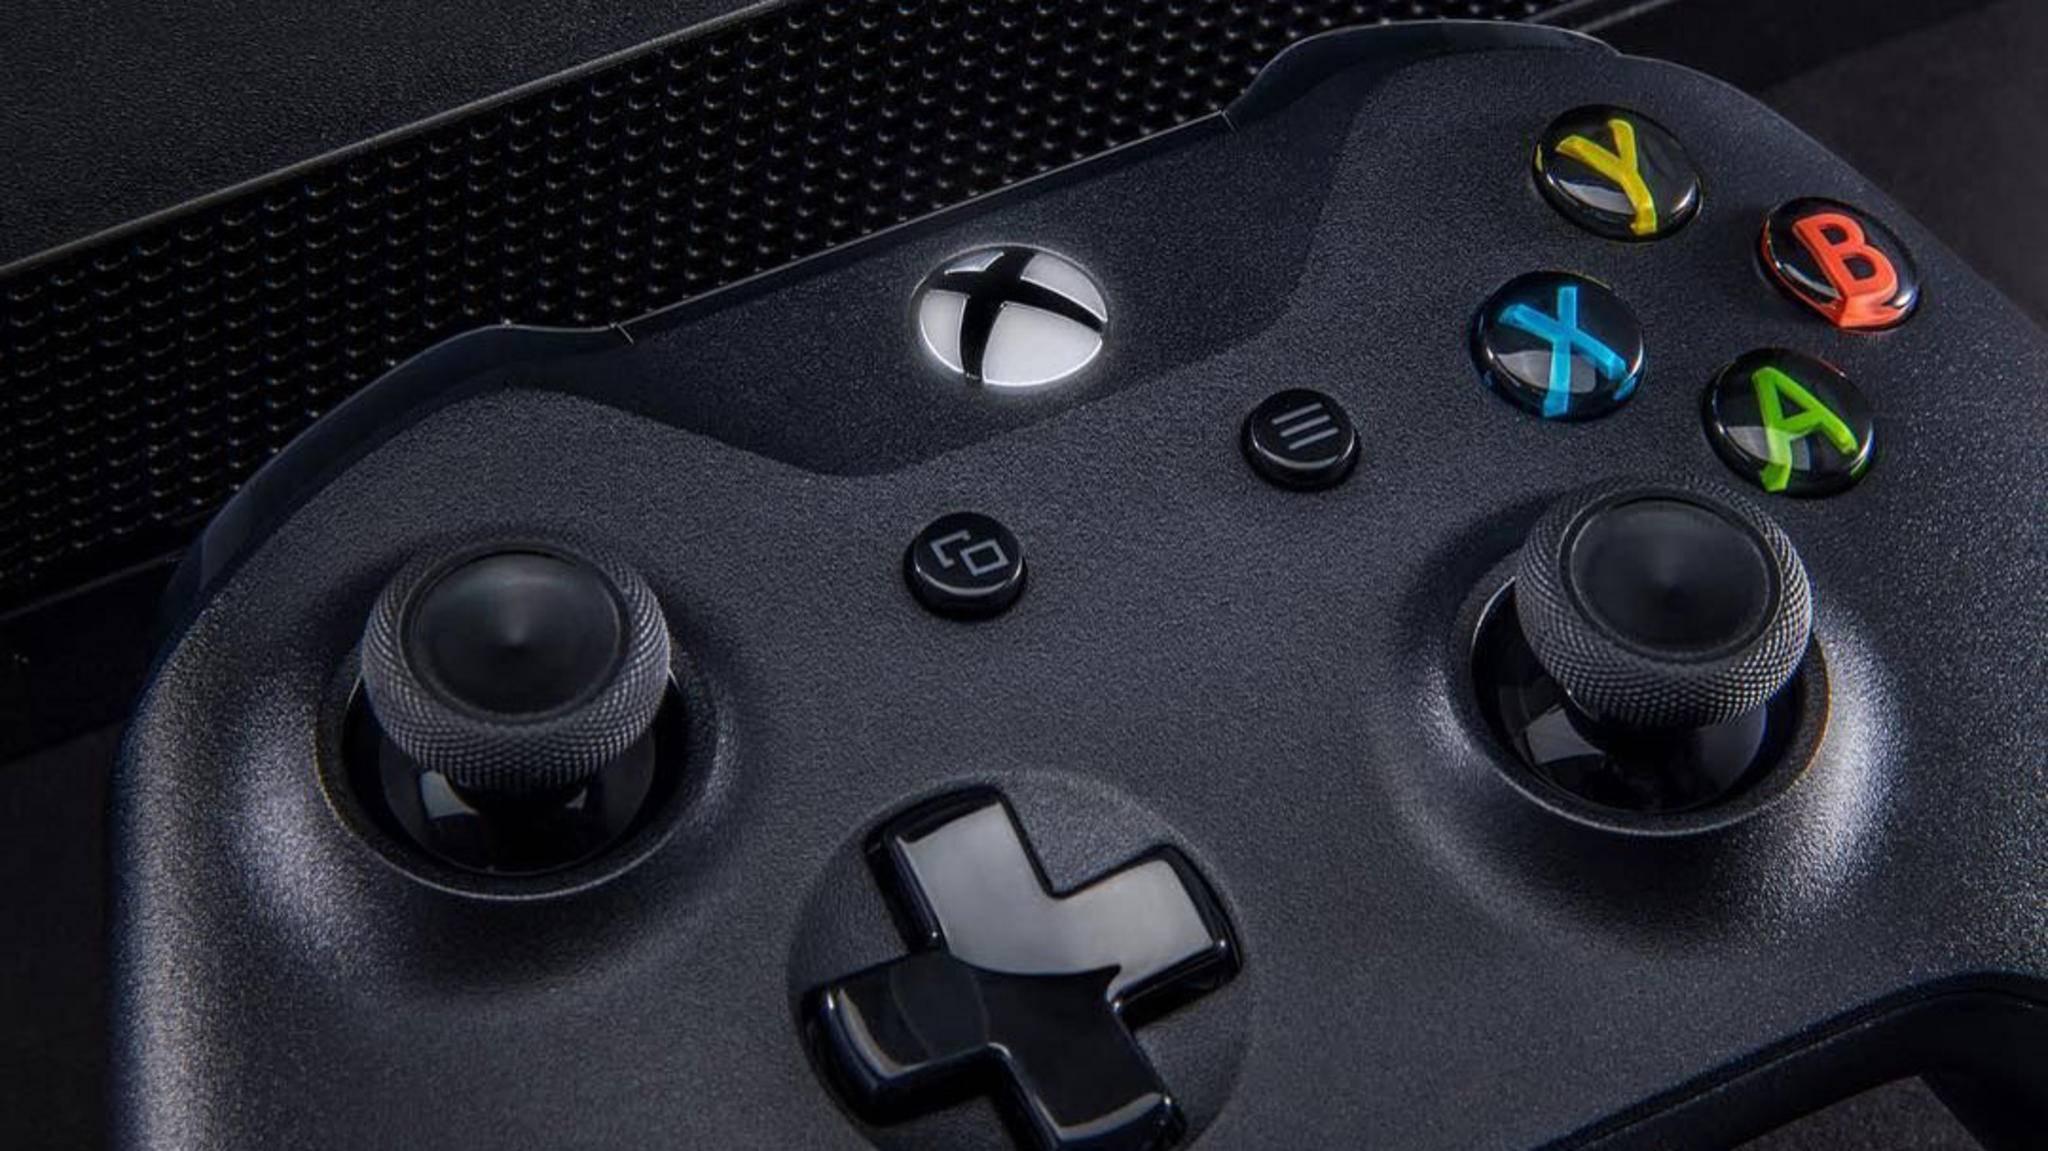 Die E3 beweist: Microsoft hat die Xbox als Plattform für die Zukunft gut aufgestellt.